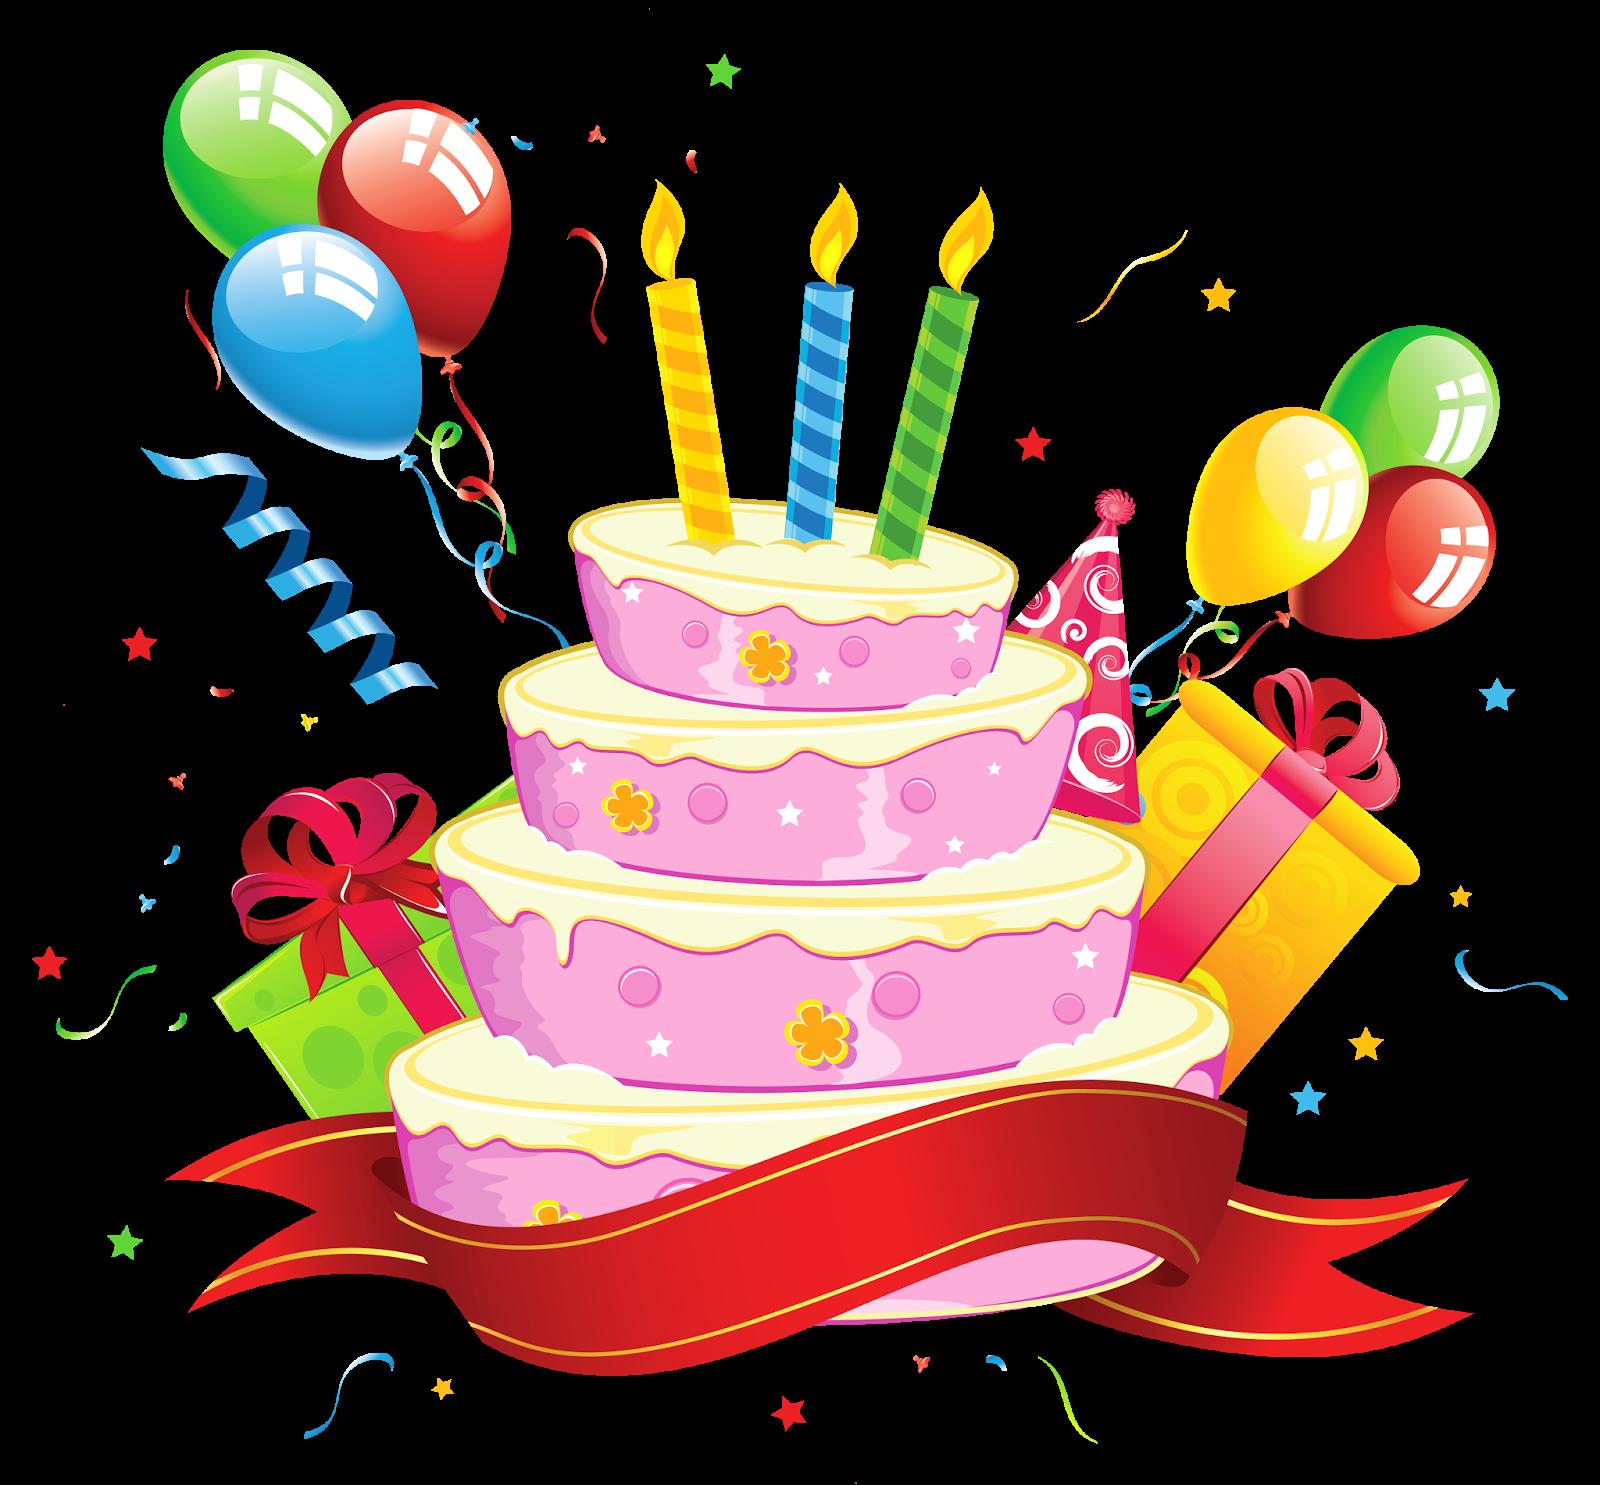 immagini-torta-buon-compleanno-clip-art-25.png